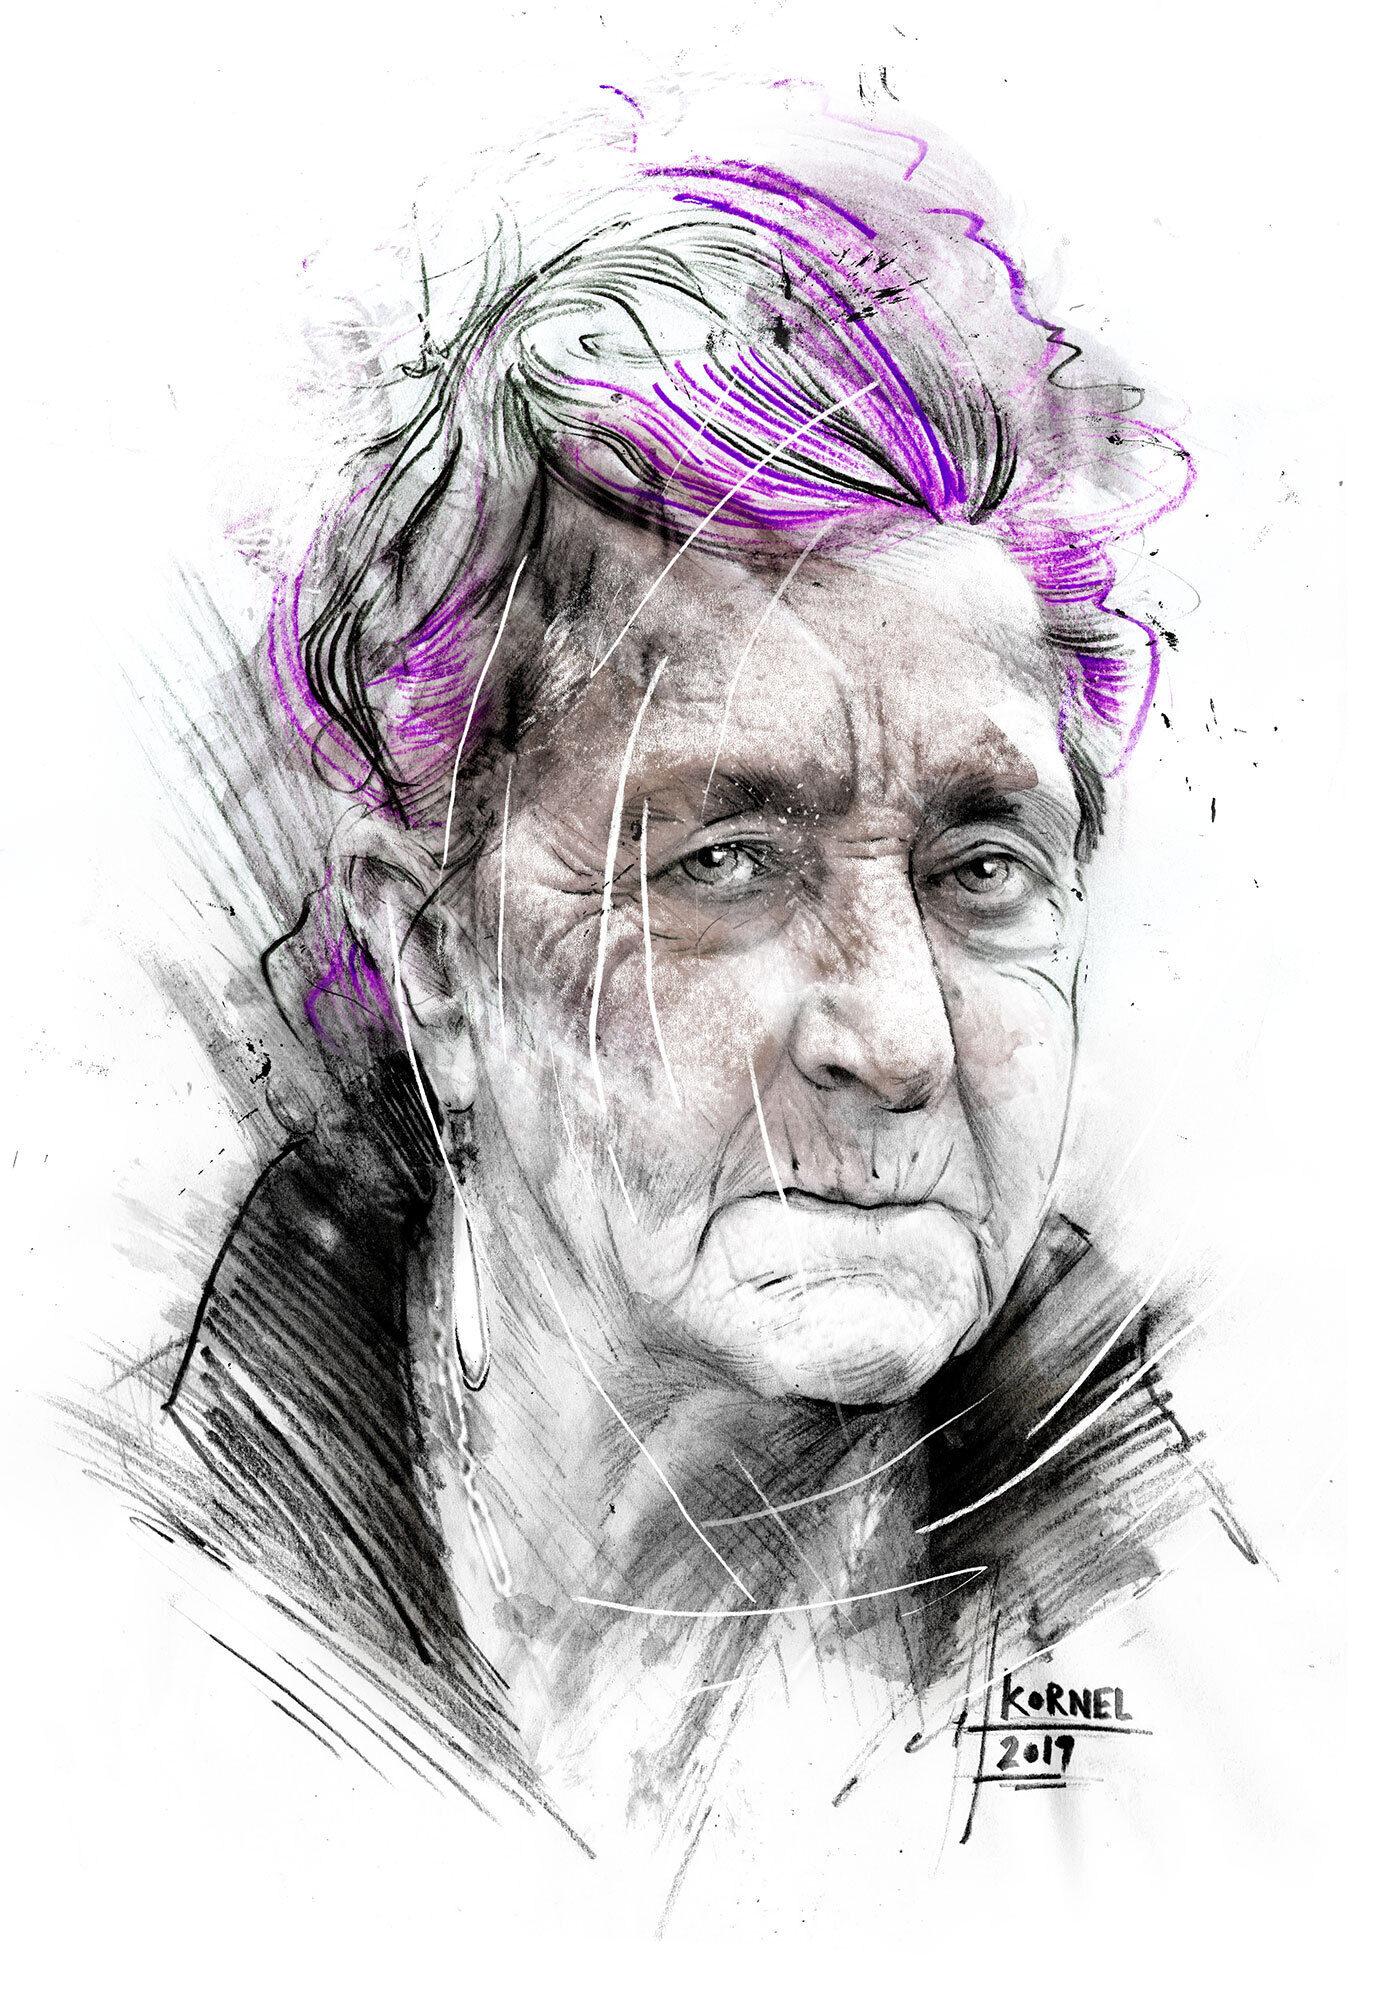 Purple hair - Kornel Illustration | Kornel Stadler portfolio